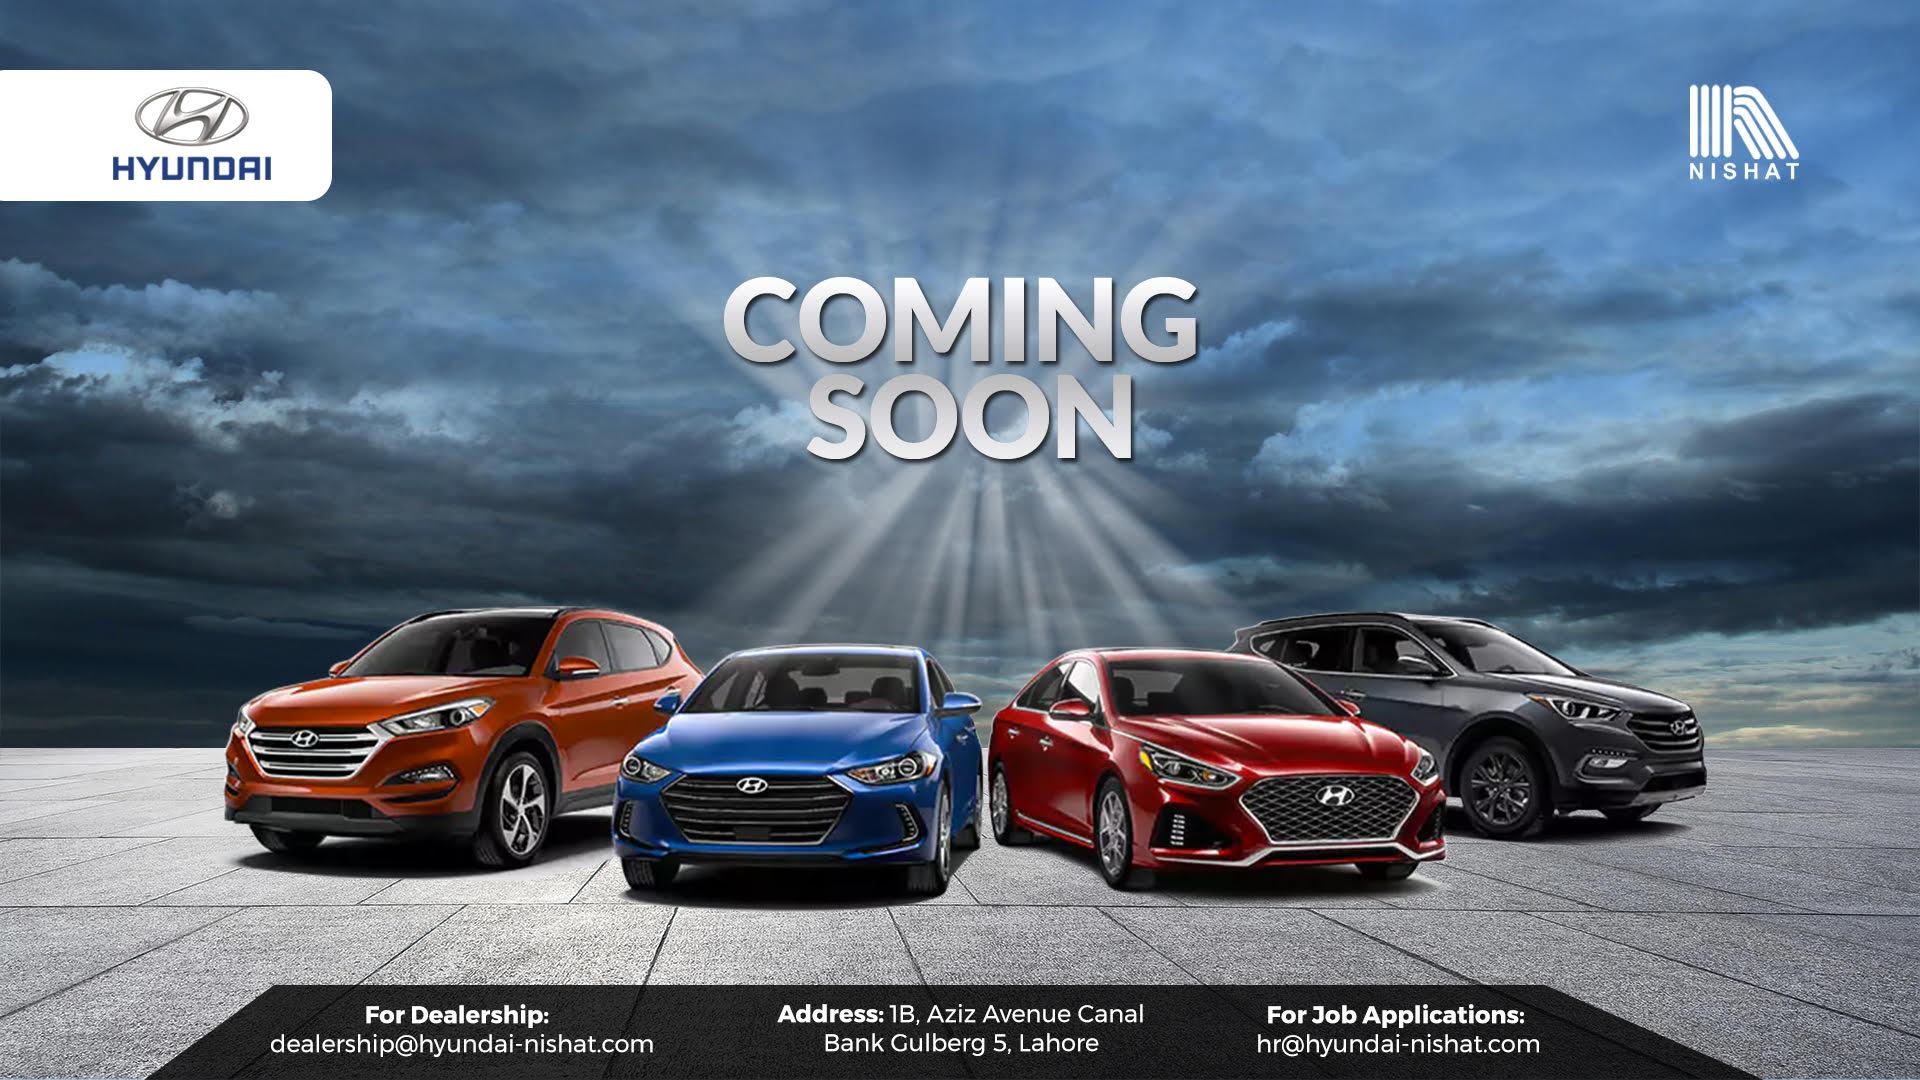 Hyundai-Nishat Website Hints a Range of Upcoming Vehicles ...